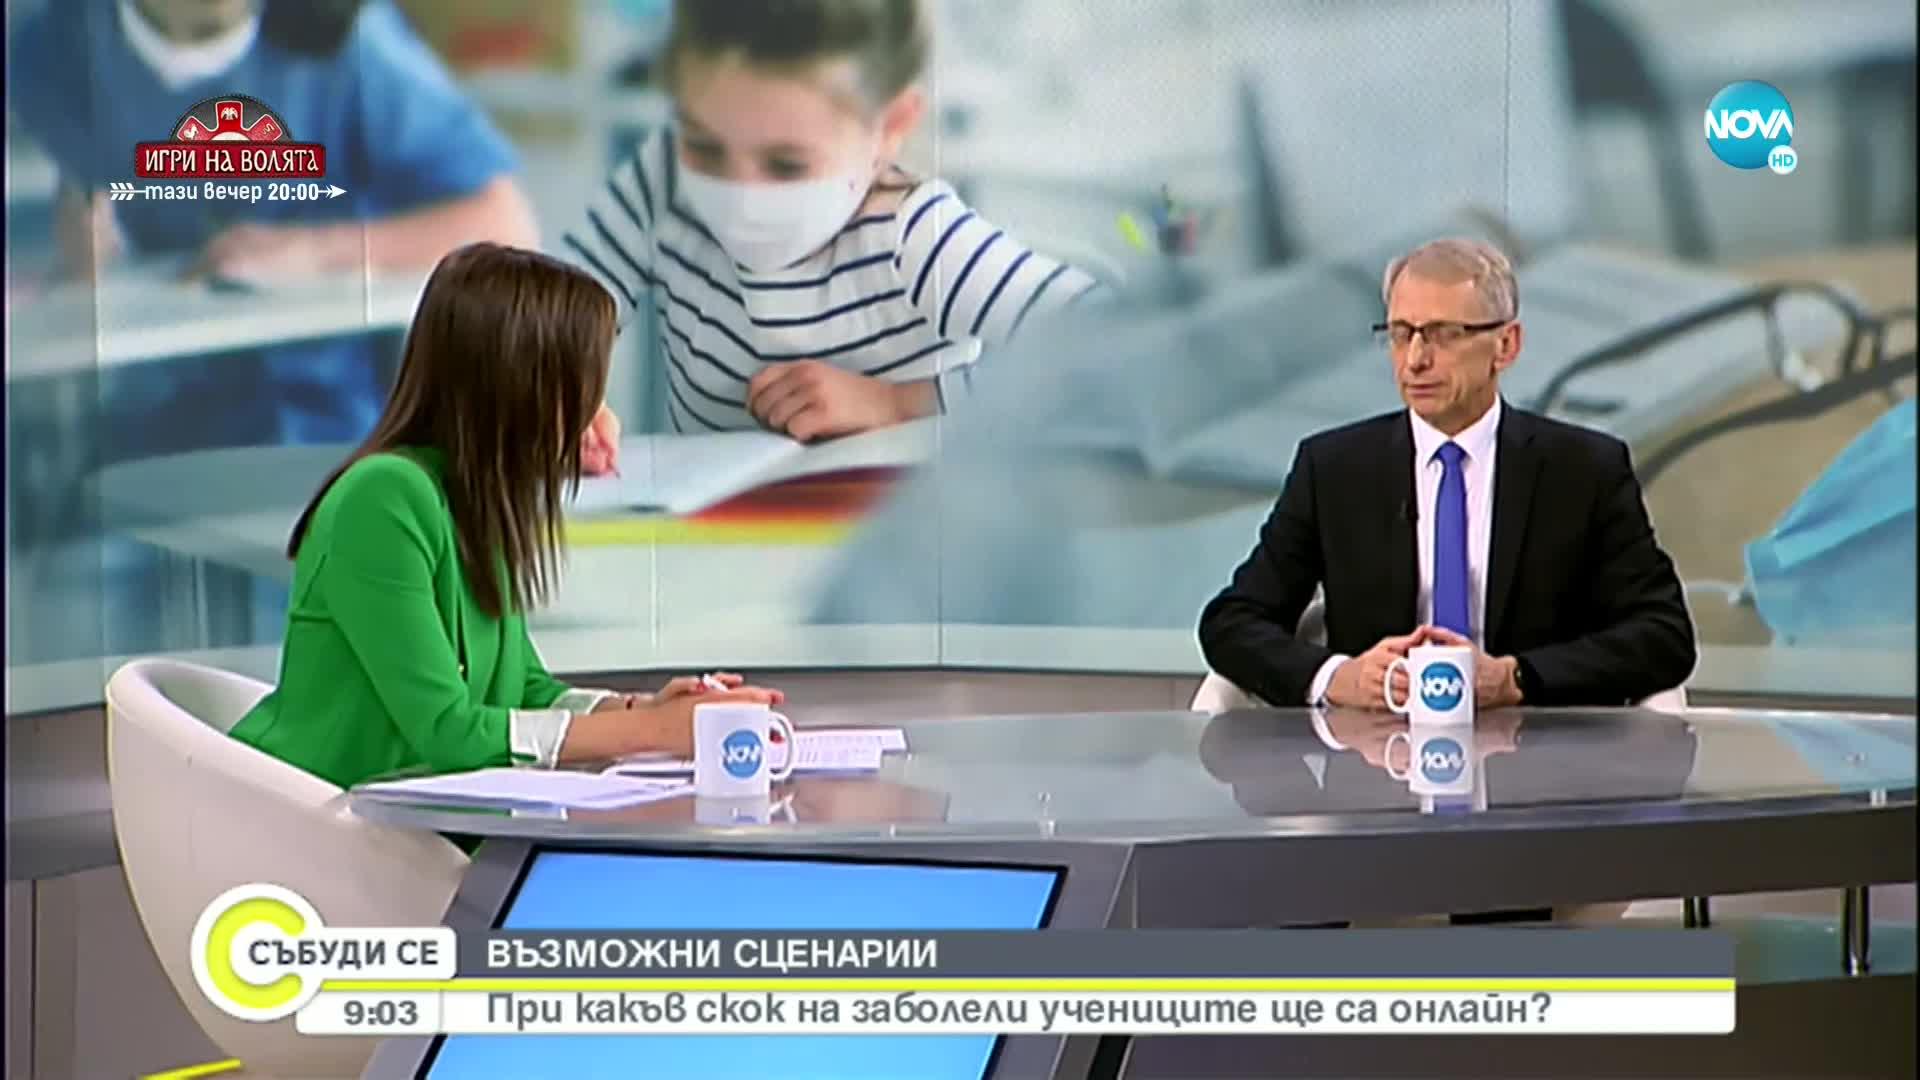 Денков: Има много възможности за гъвкава организация в училищата при влошаване на ситуацията